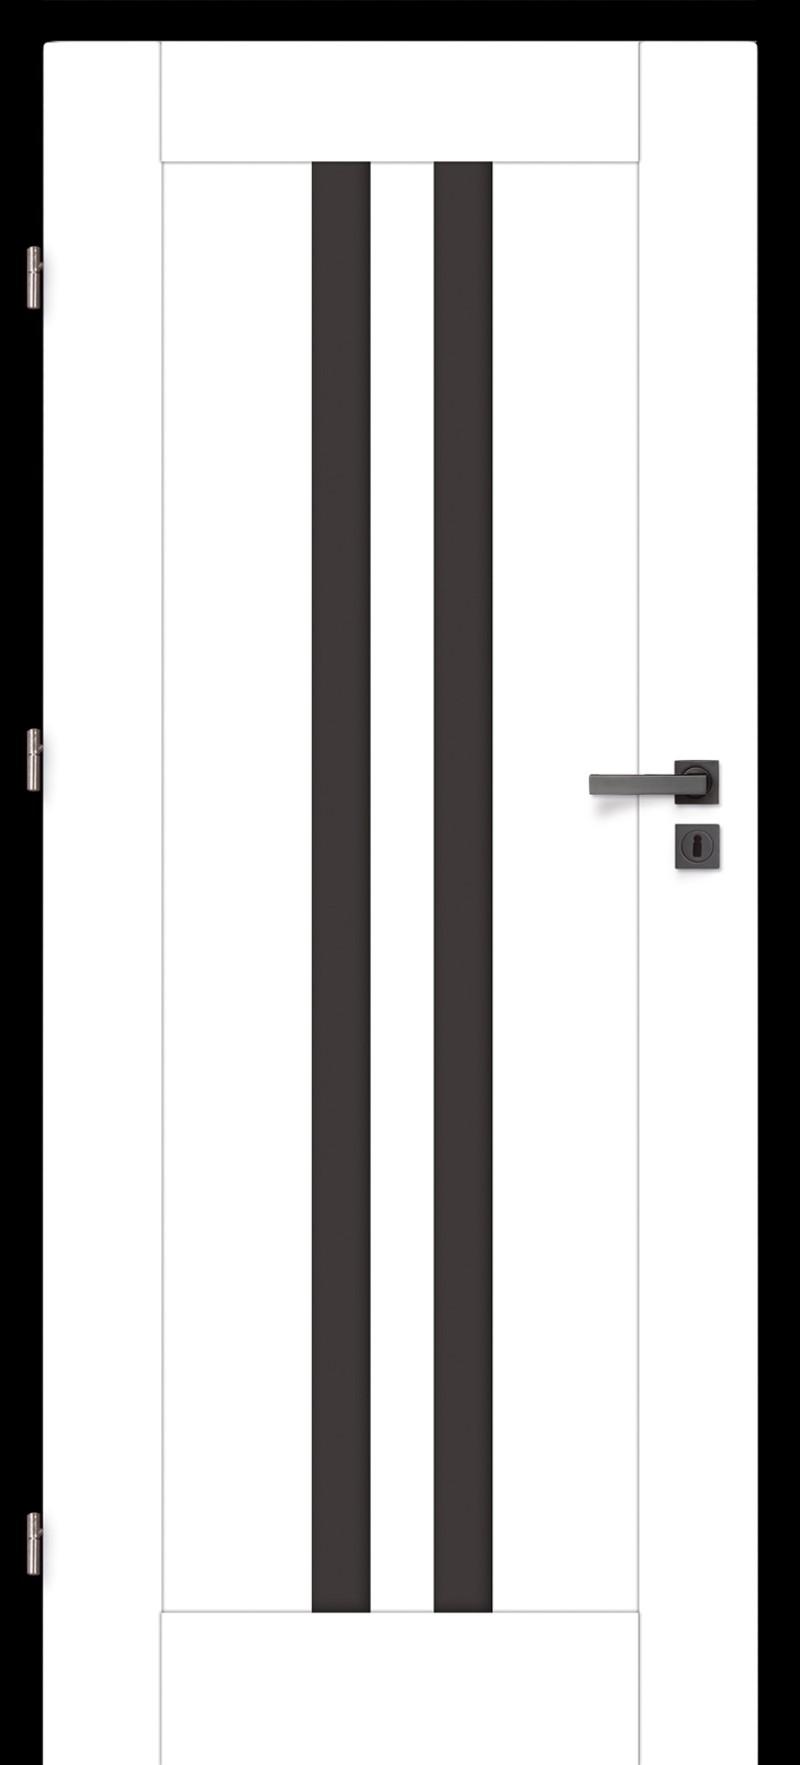 Drzwi z przeszkleniem Mediolan 10 szkło grafit | Wrocław